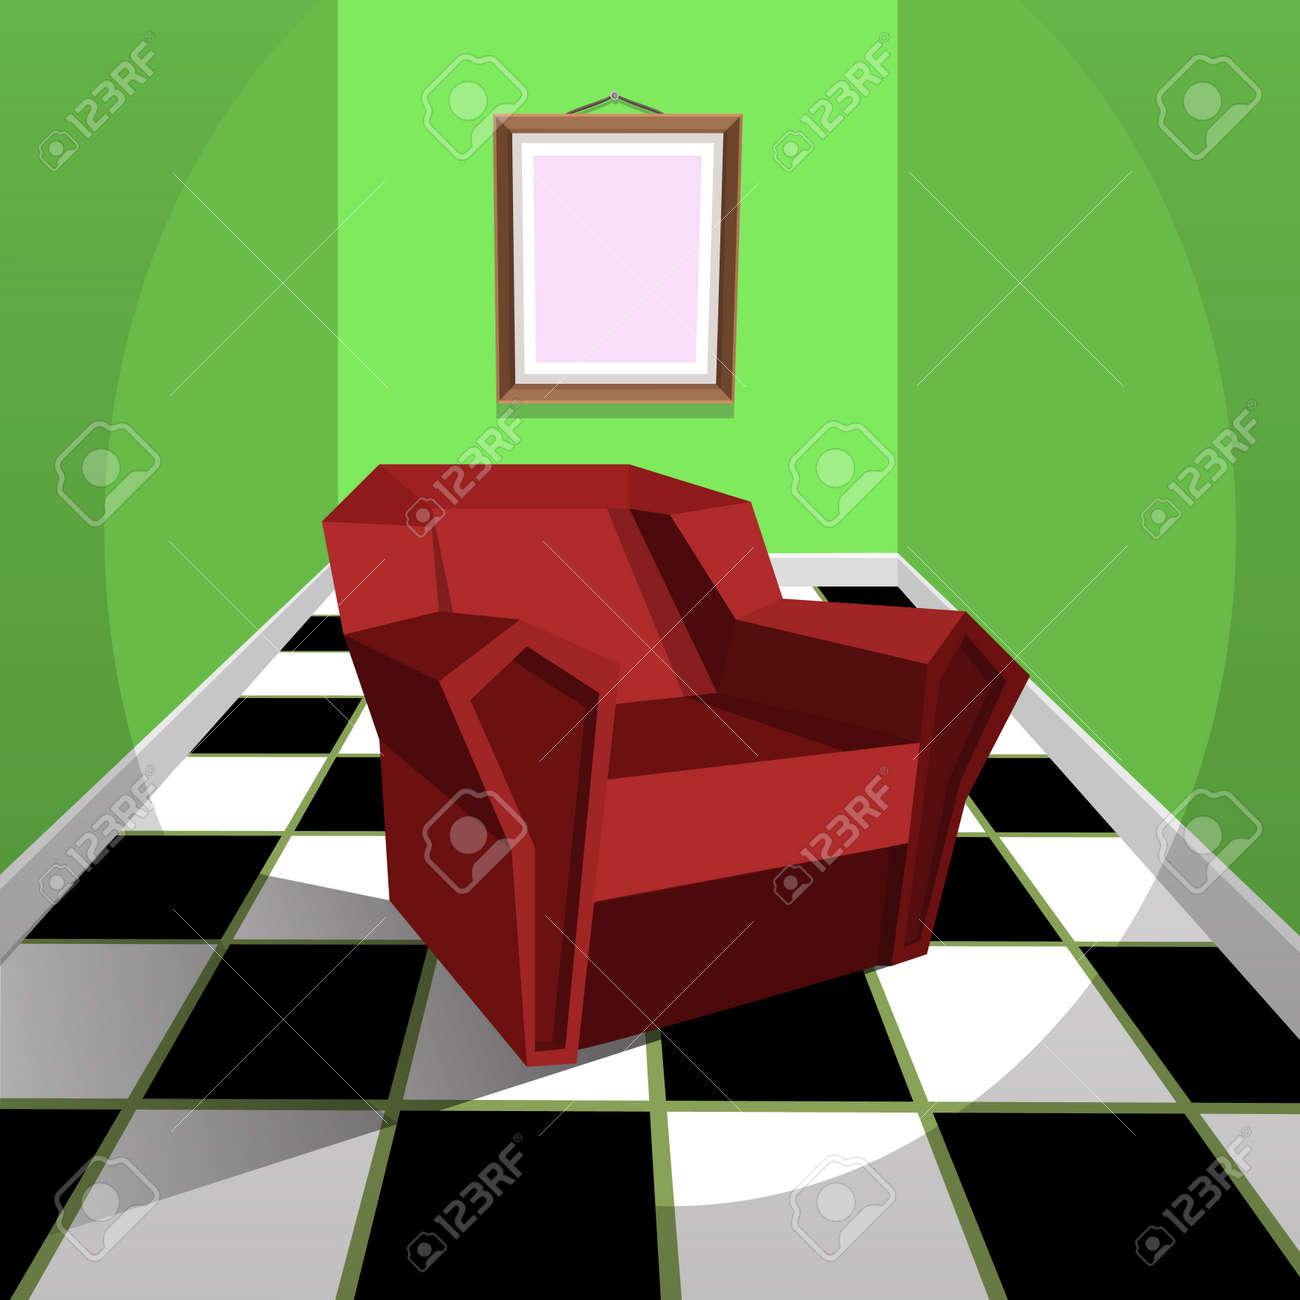 La chambre verte avec un fauteuil rouge, illustration de bande dessinée